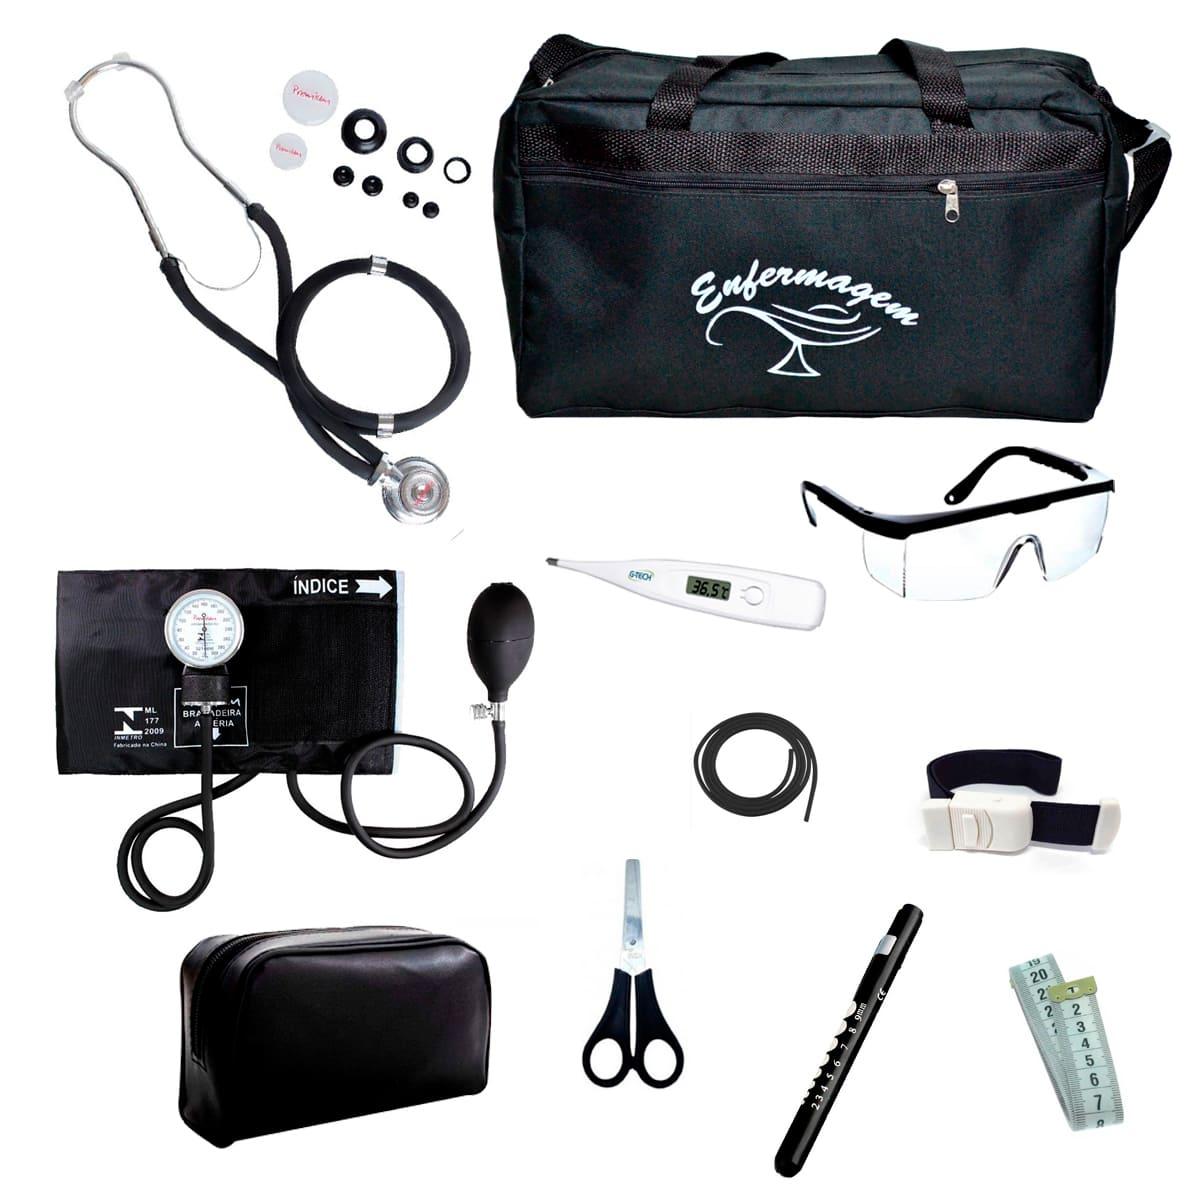 Kit Enfermagem mod.18 Aparelho de Pressão Premium Cor:Preto Bolsa:Tipo 2